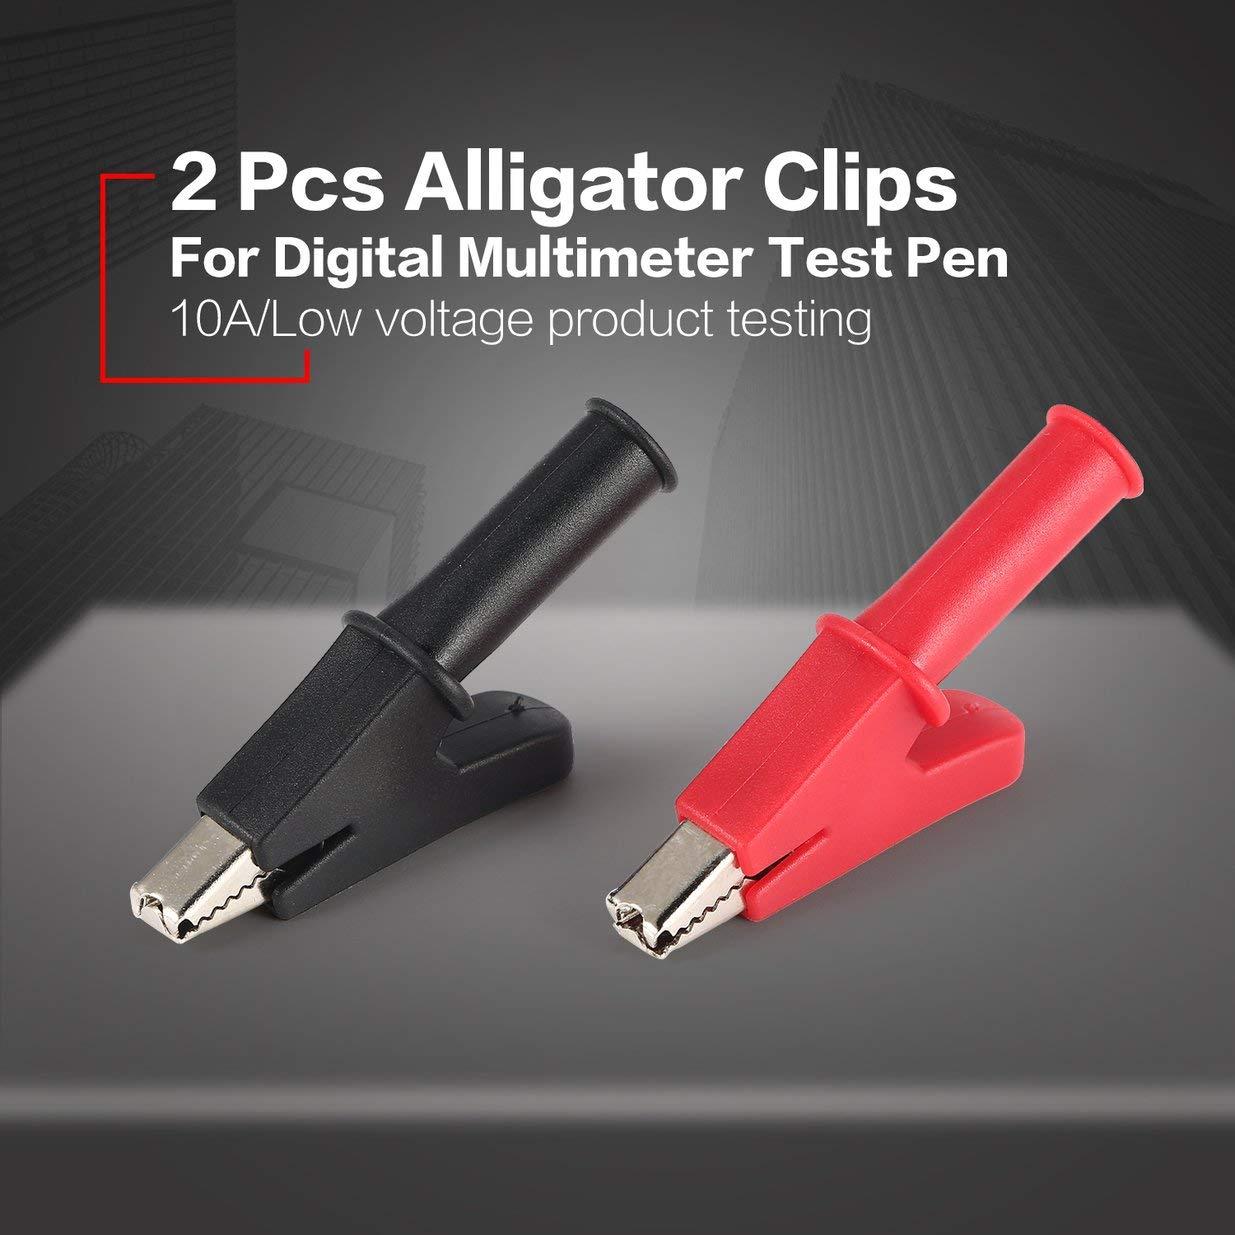 2 pinzas cocodrilo PC completa protecci/ón cocodrilo Pinza el/éctrica para la prueba del mult/ímetro de puntas de prueba pluma cable de la sonda